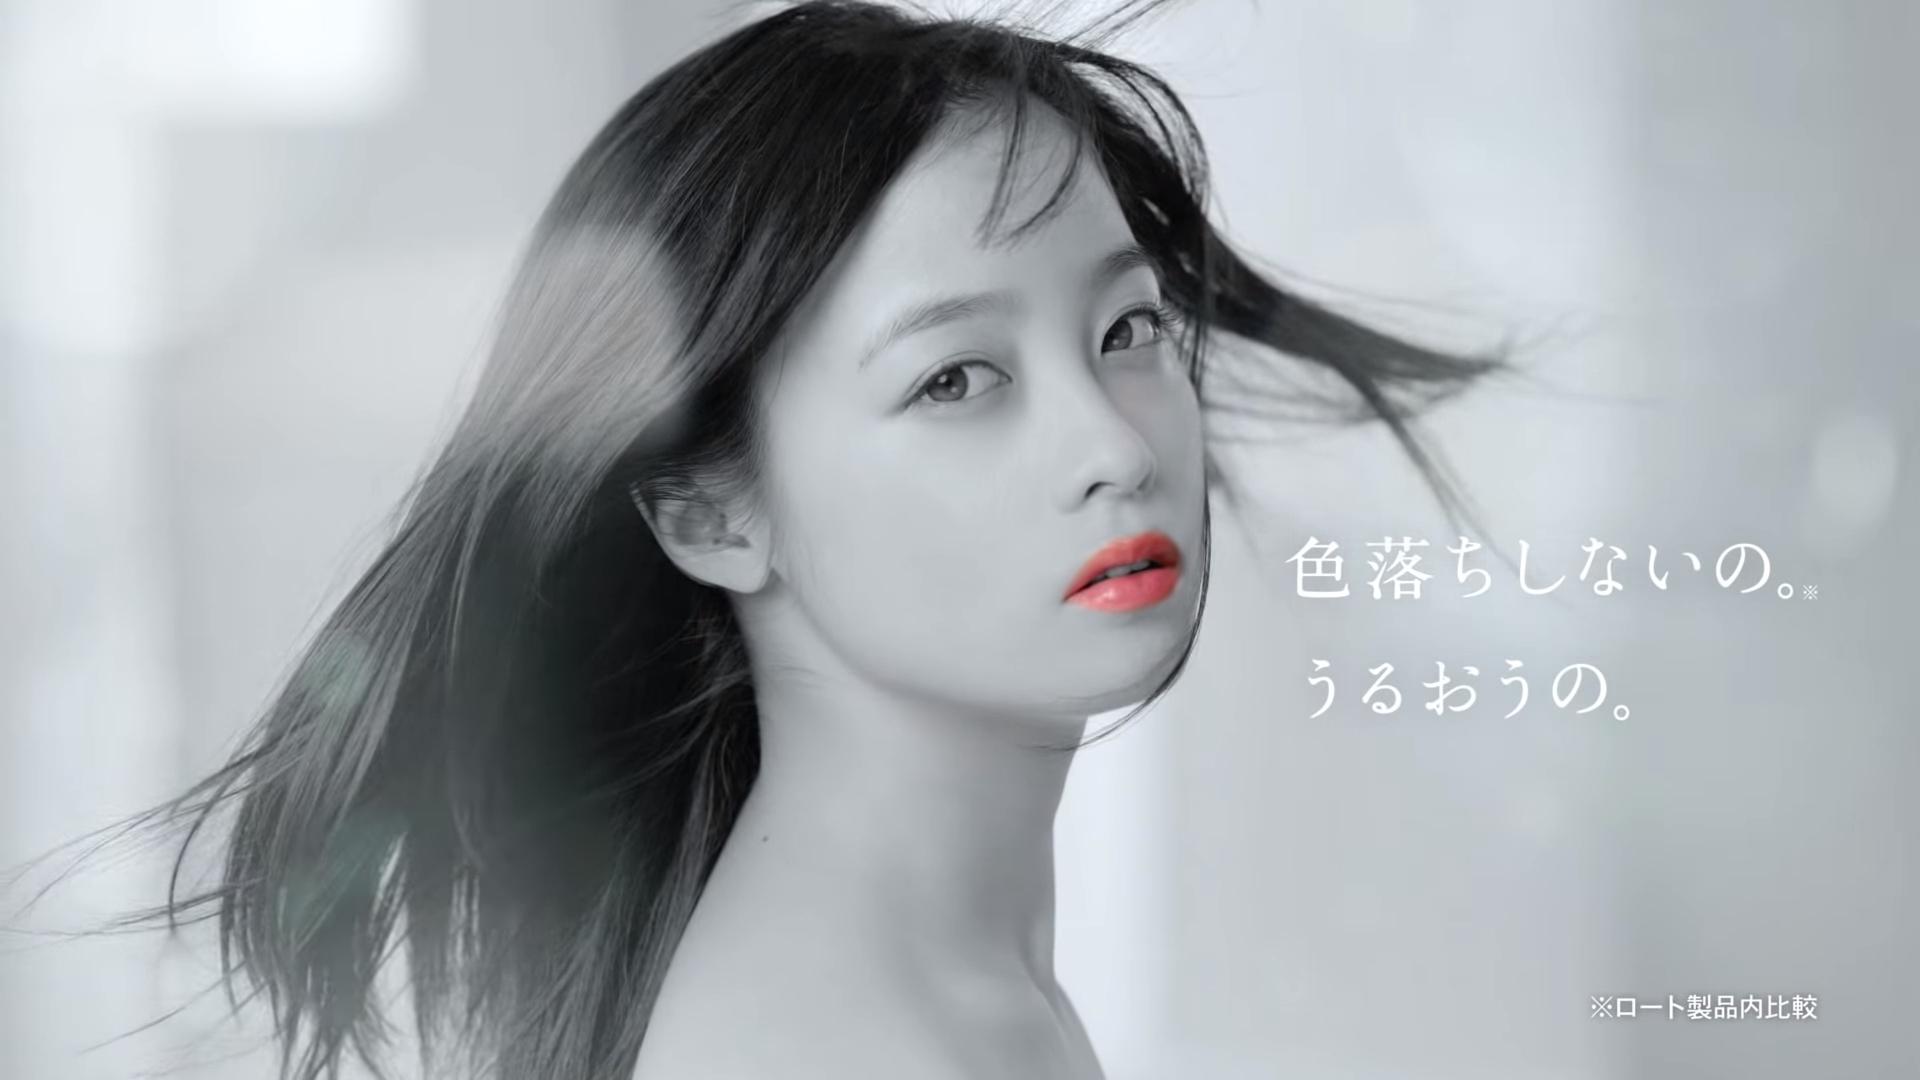 橋本環奈の写真展「19歳の橋本環奈 in 渋谷駅」エロ画像012